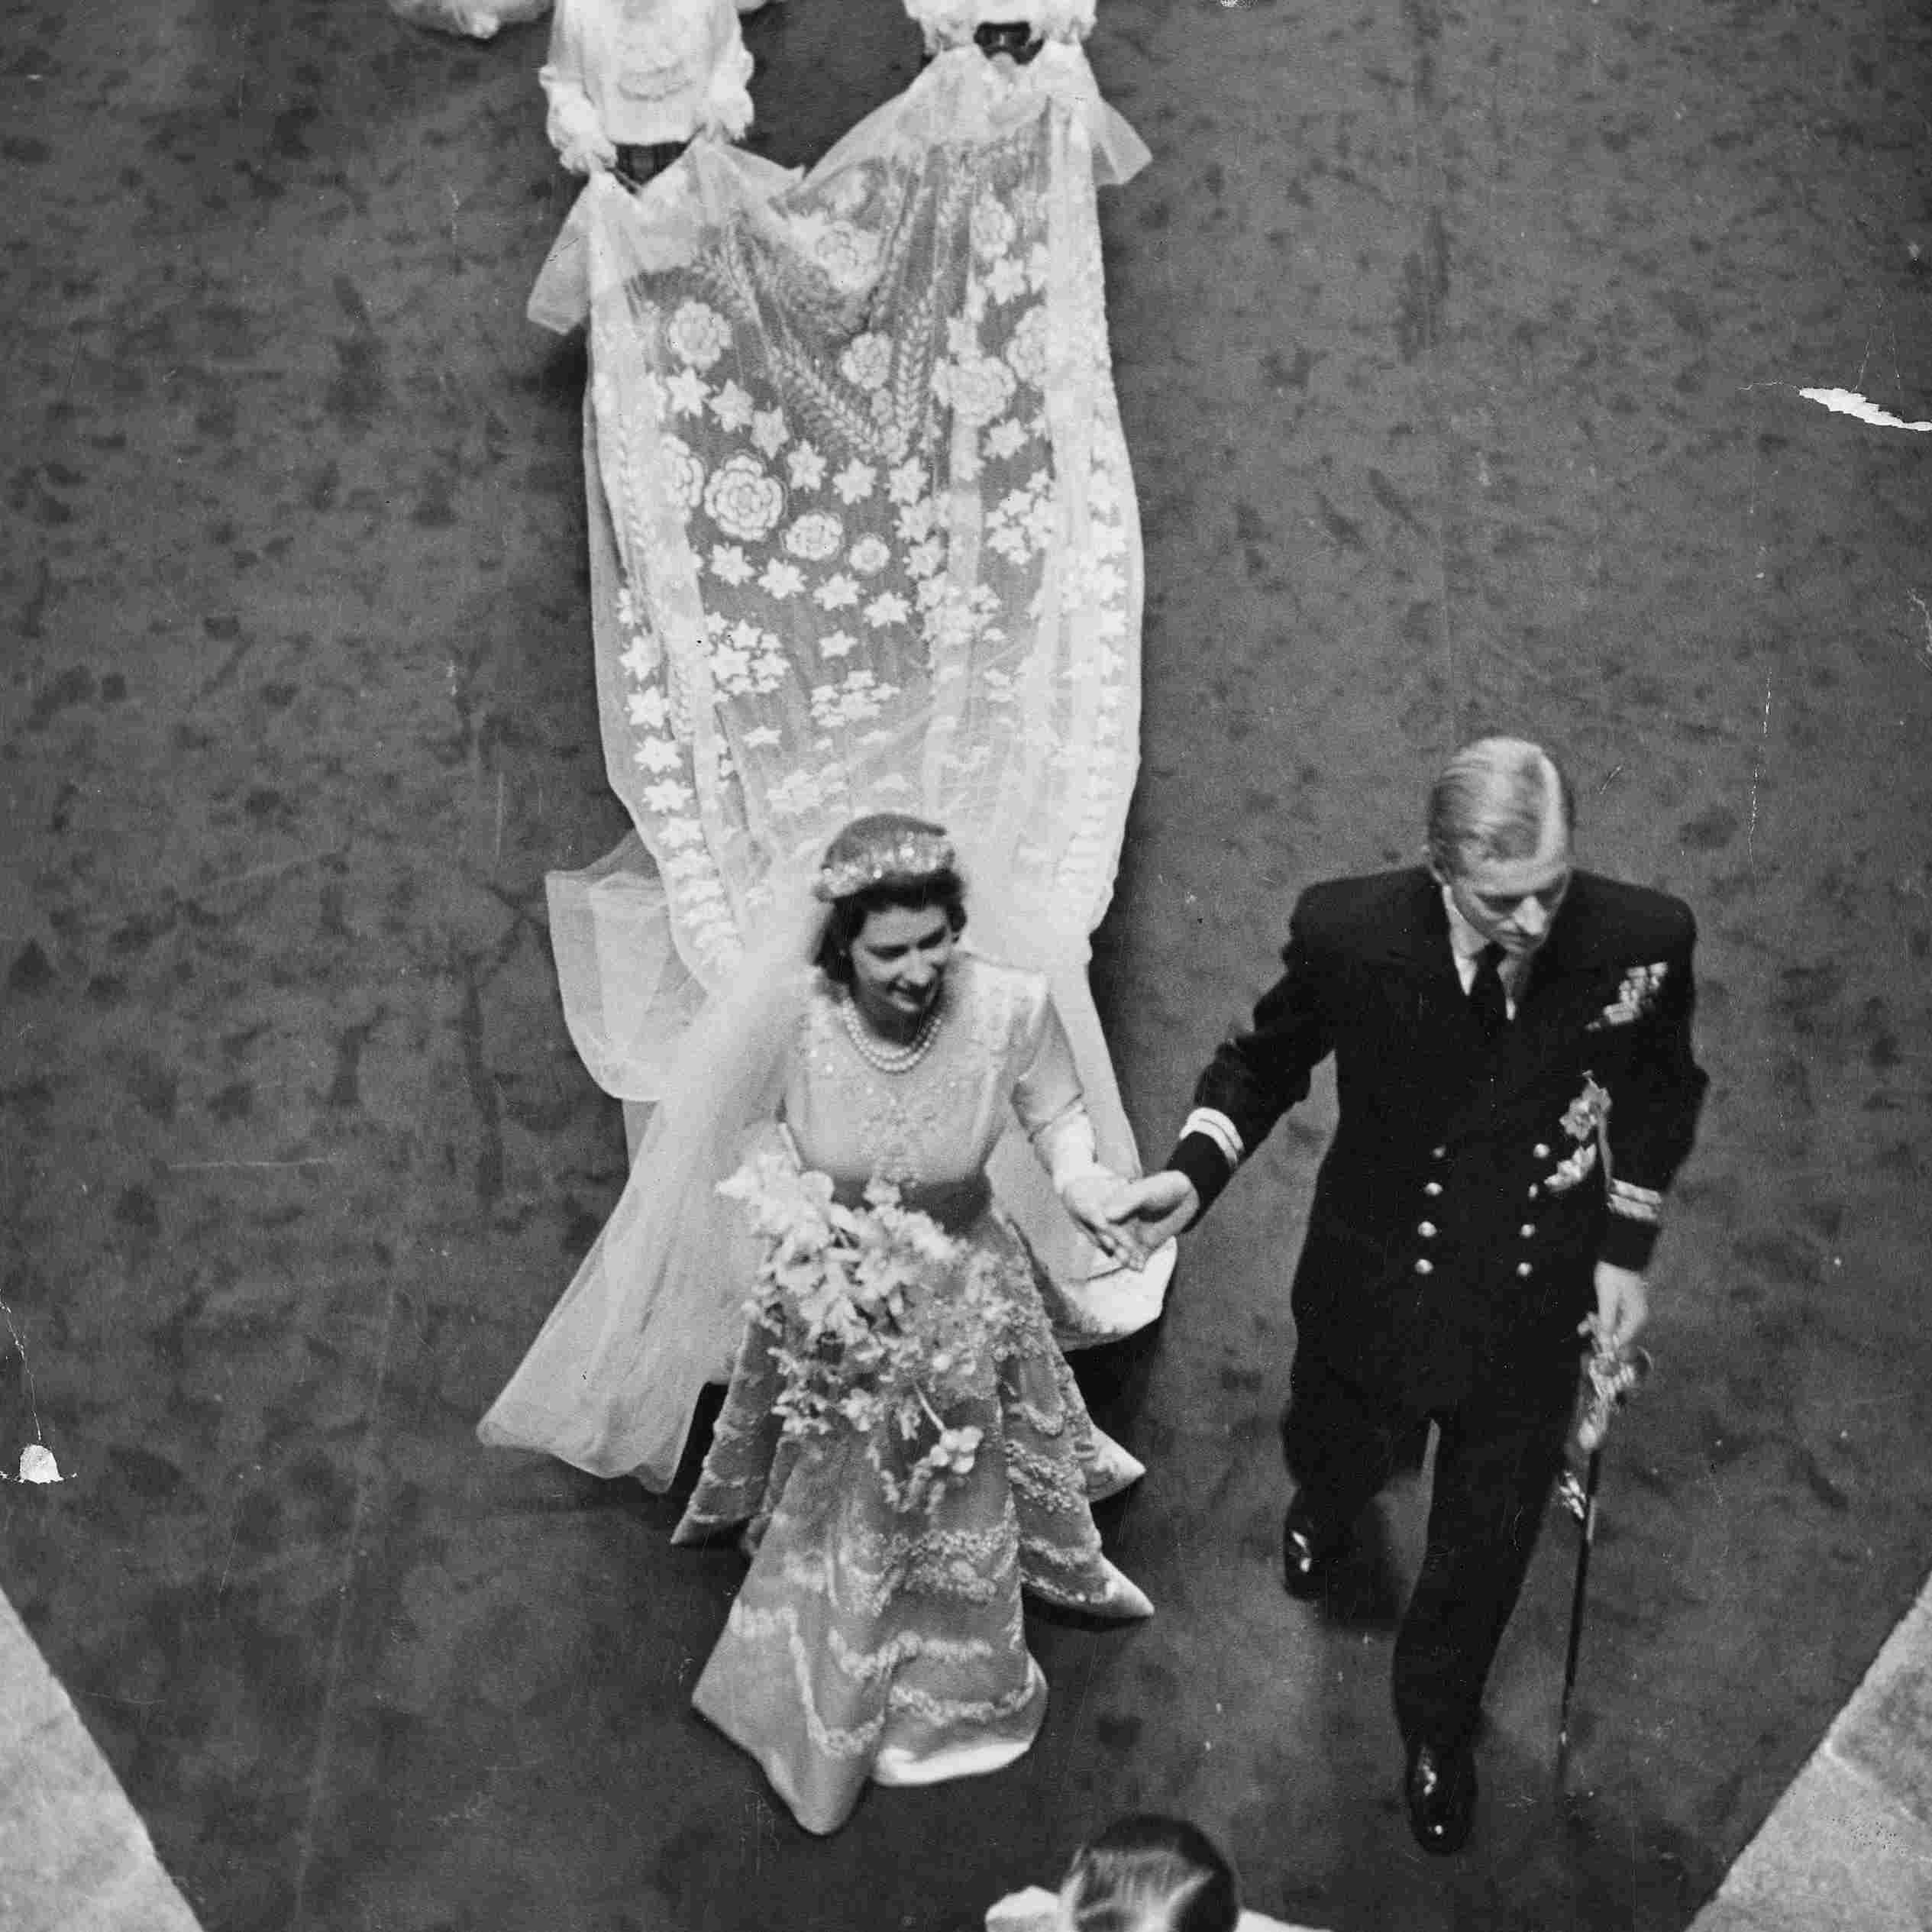 エリザベス2世女王は、1947年にフィリップ王子と結婚します